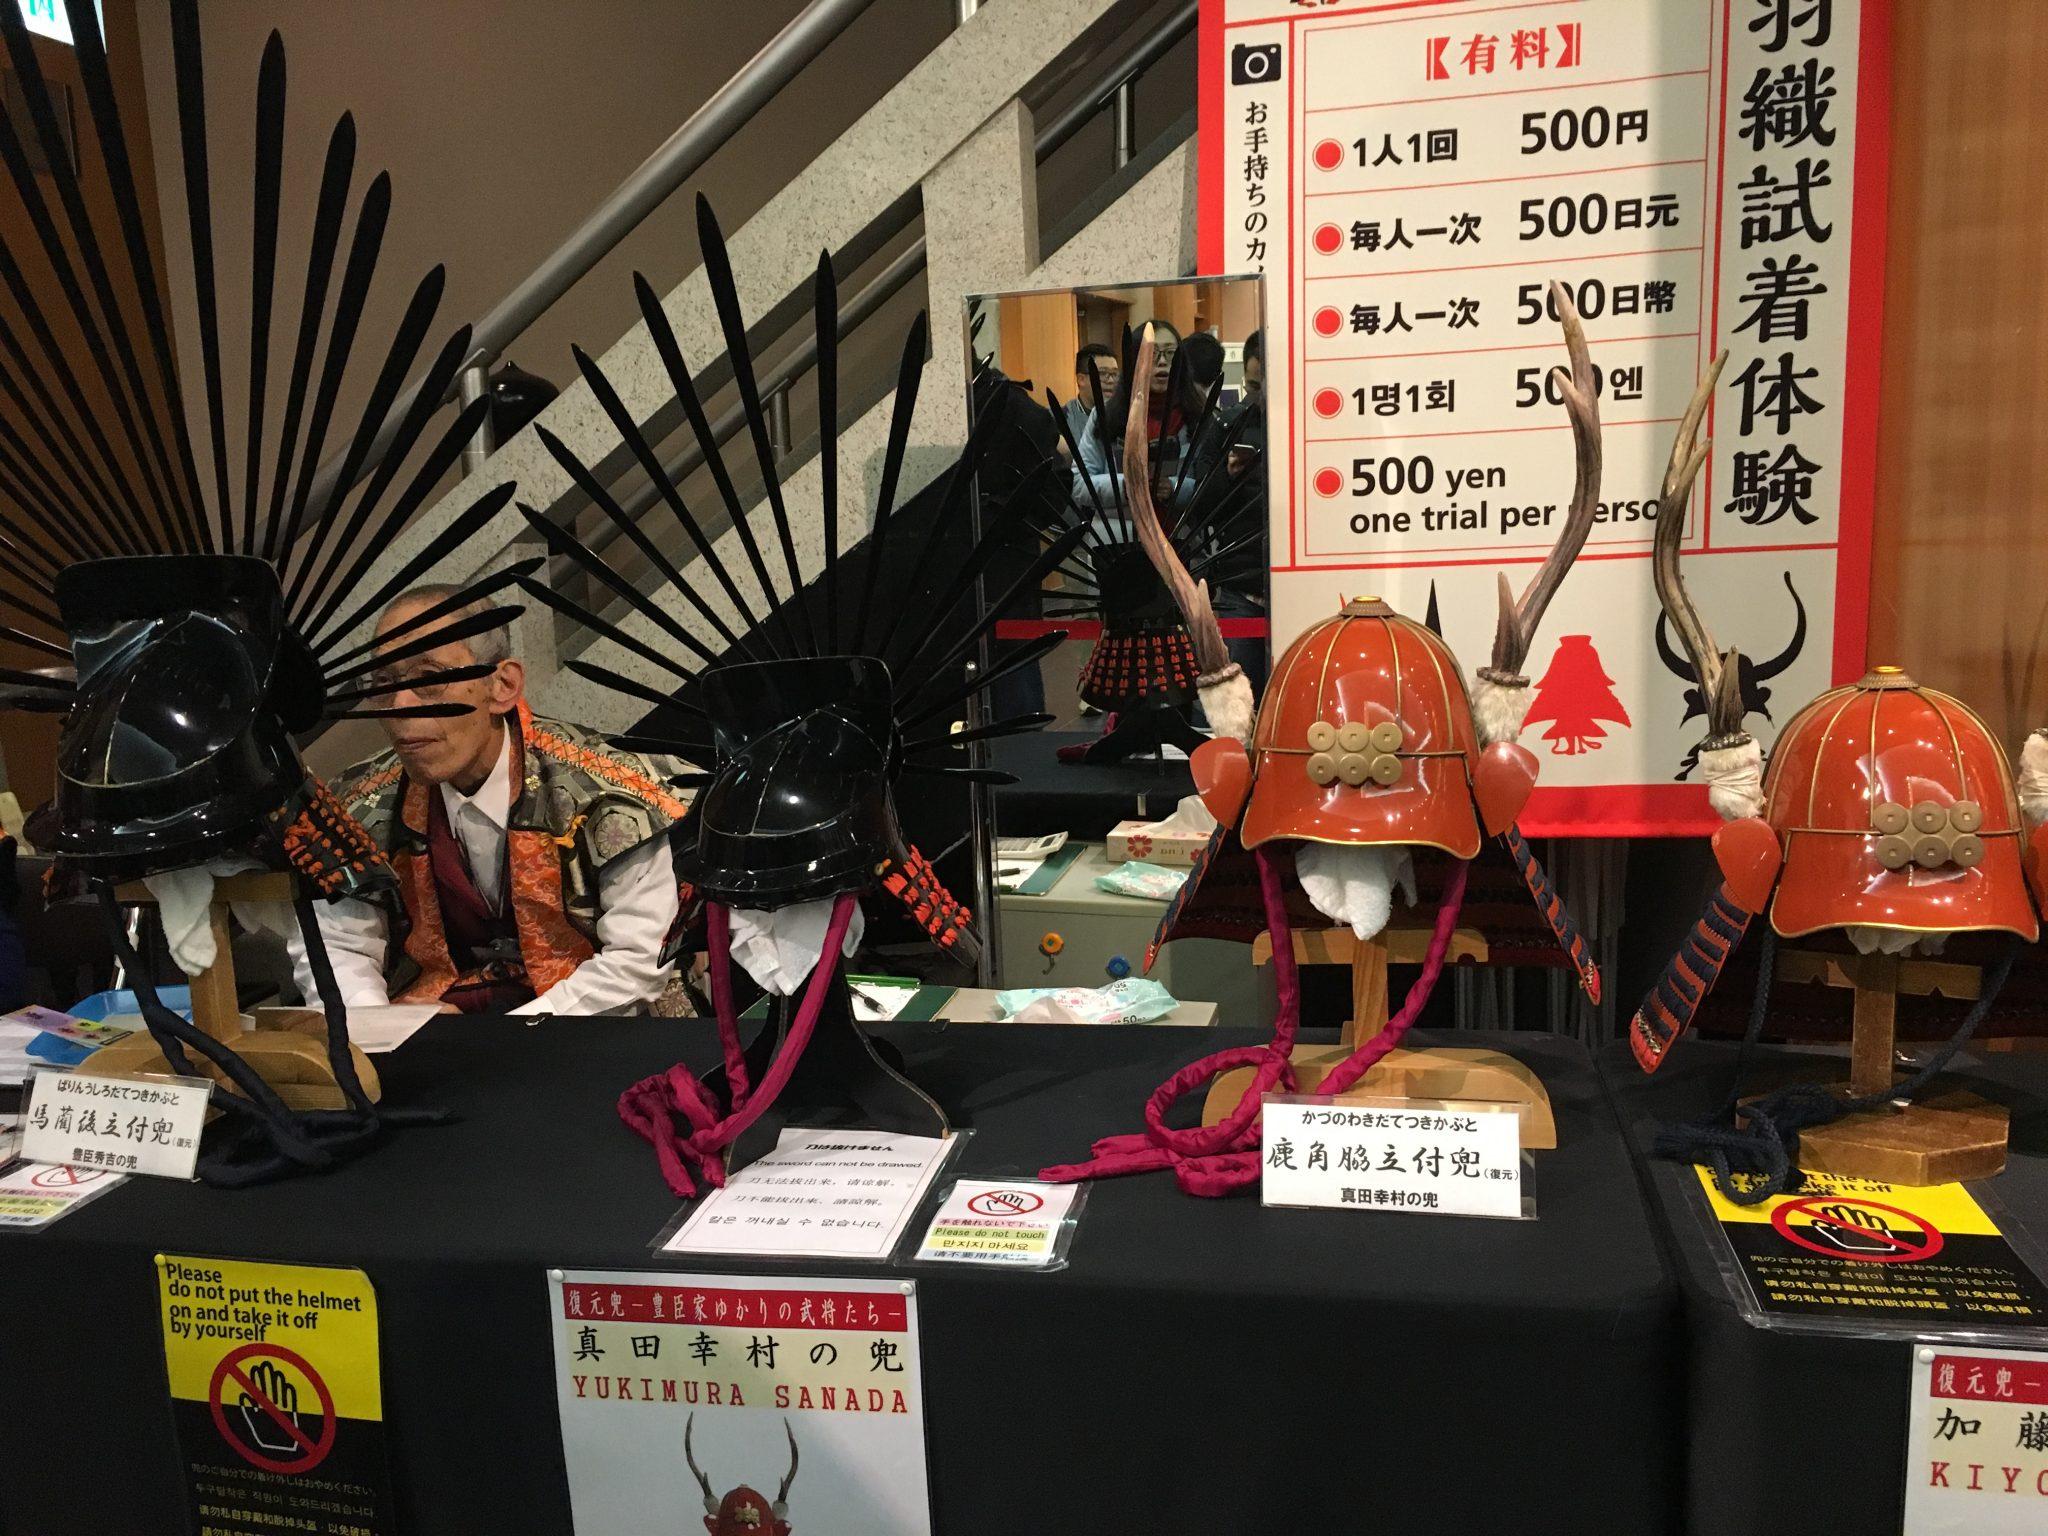 오사카성 내부 전시품